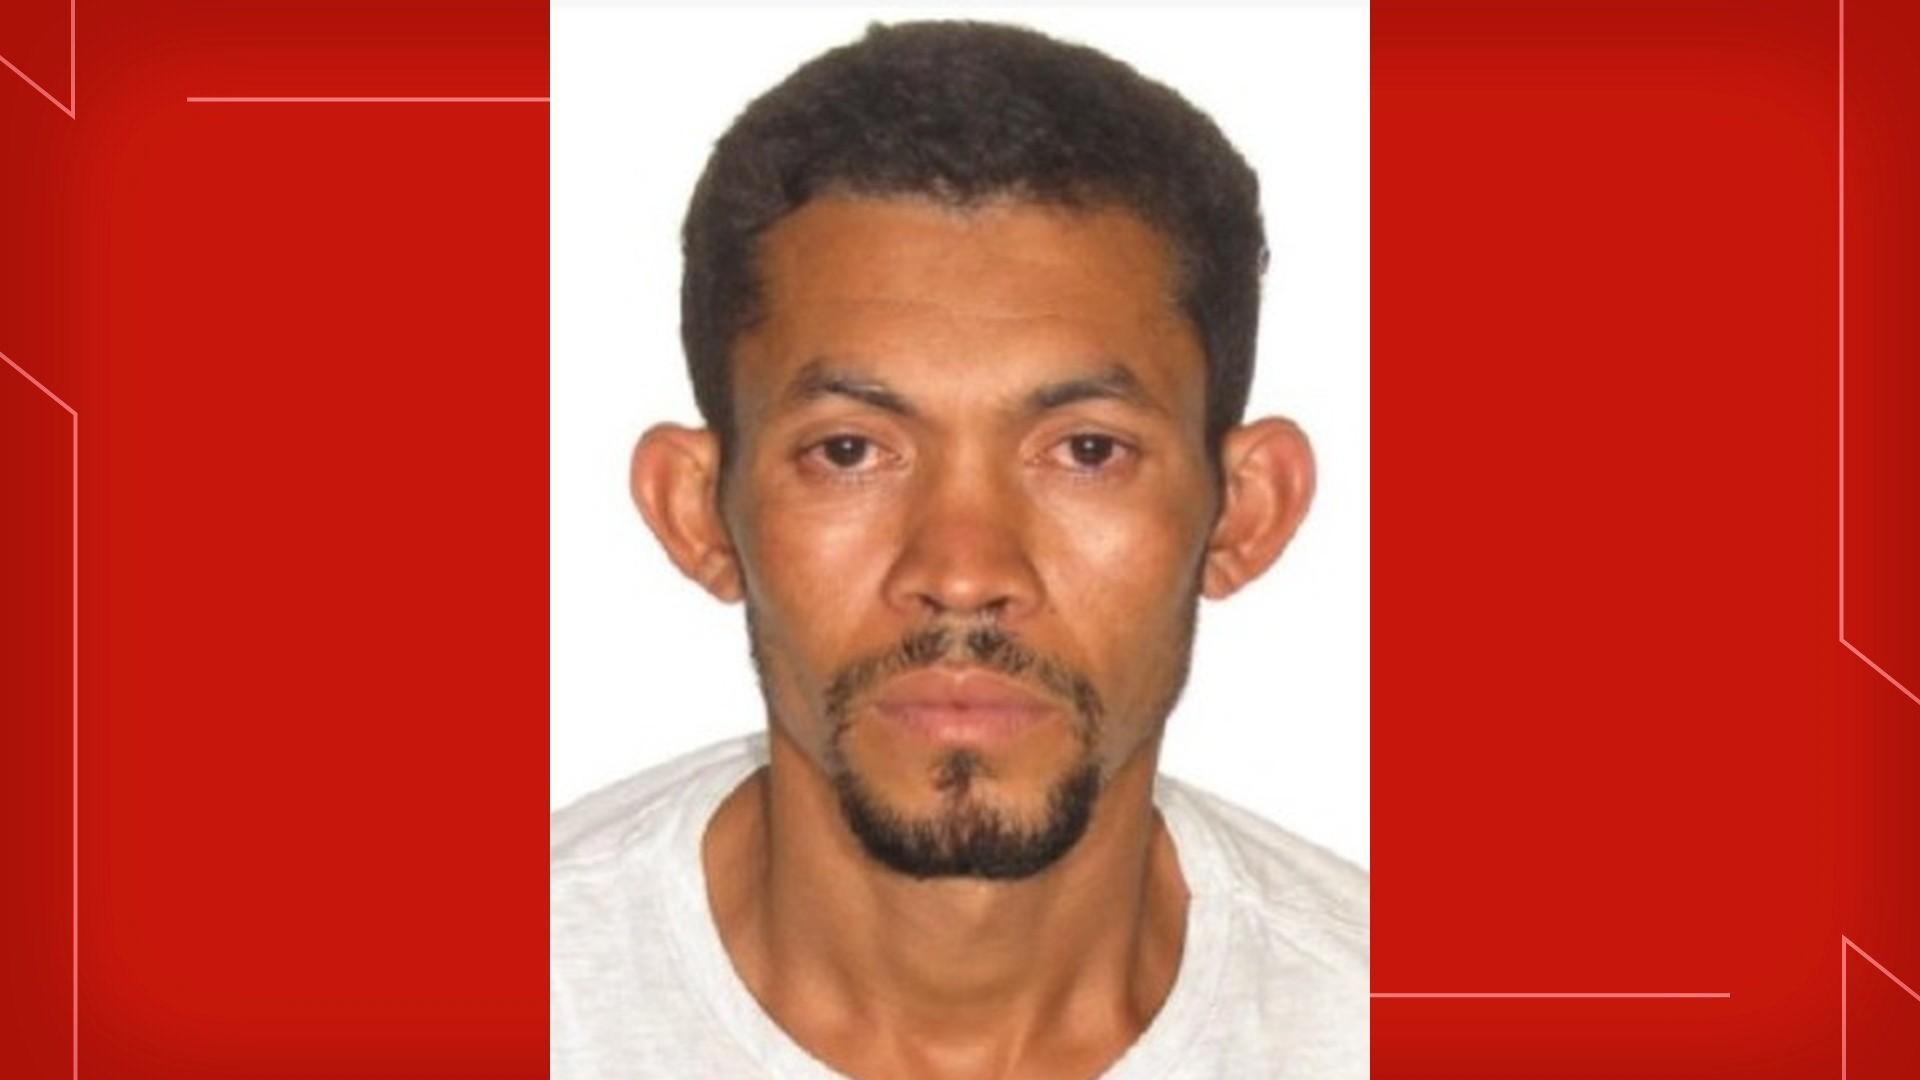 Suspeito de esquartejar, carbonizar e beber sangue de homem no DF também arrancou pele do rosto e escondeu crânio da vítima